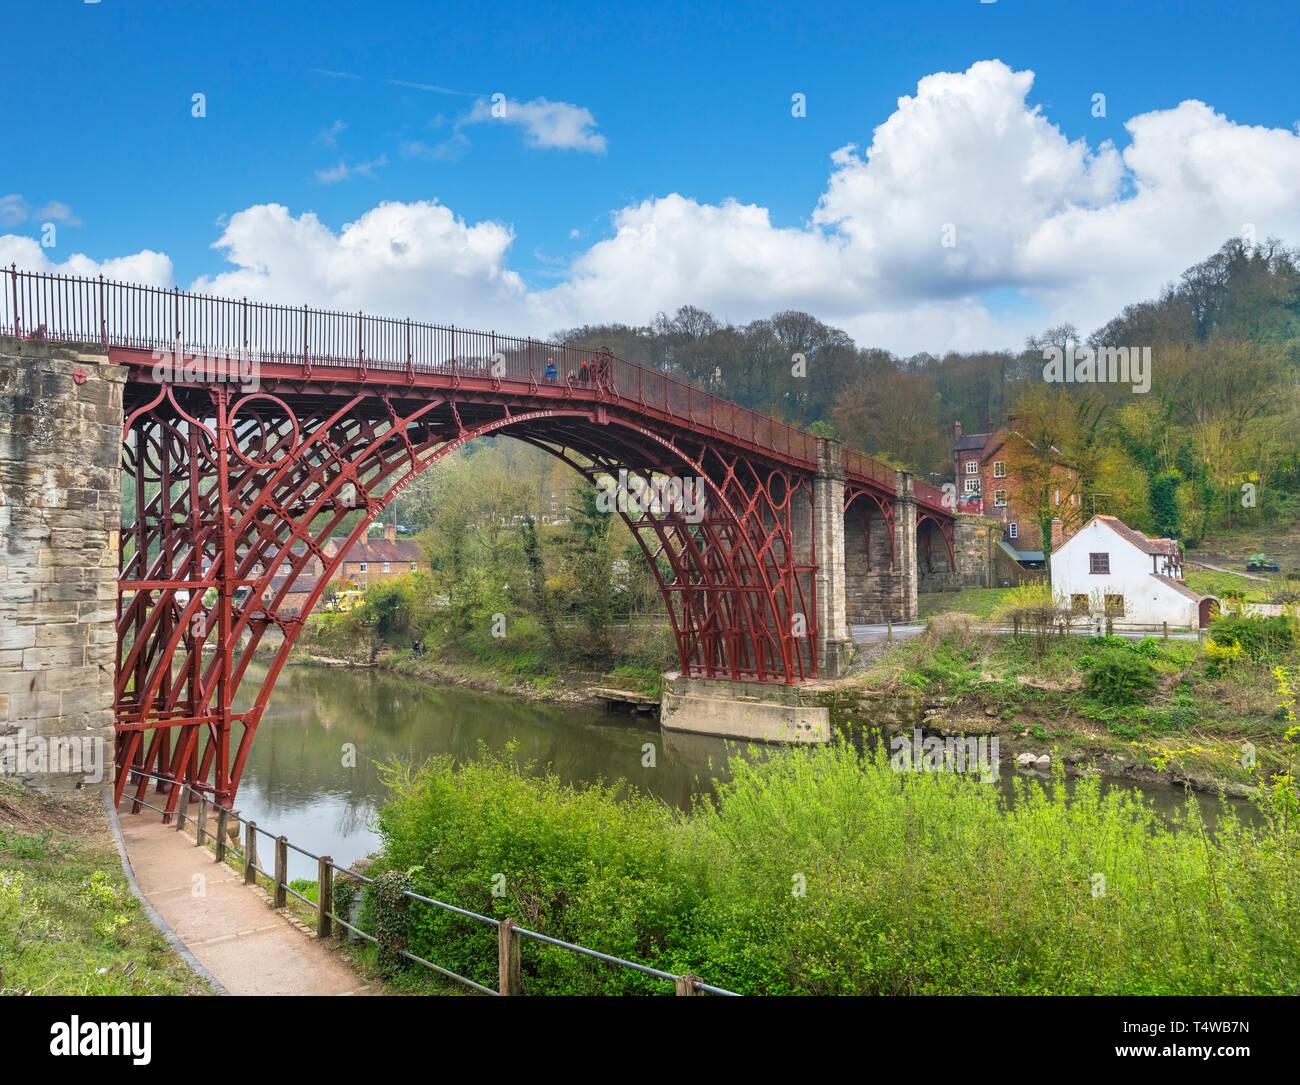 Ironbridge Gorge, Reino Unido. El histórico Puente de Hierro del siglo XVIII a través del río Severn, Ironbridge, Coalbrookdale, Shropshire, Inglaterra, Reino Unido. Foto de stock